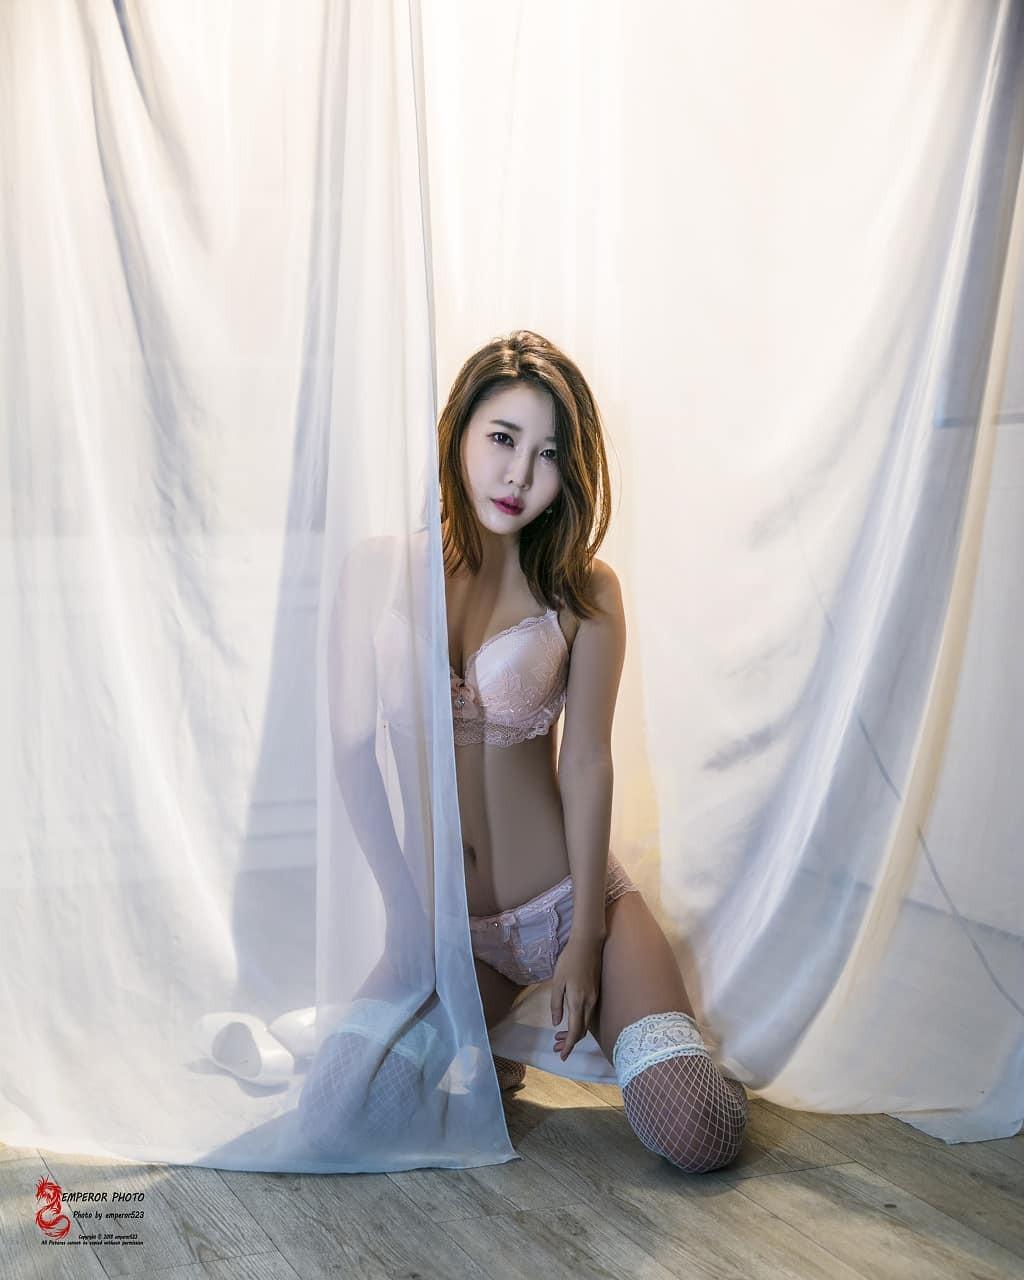 妹子图日刊 – 20210329插图34